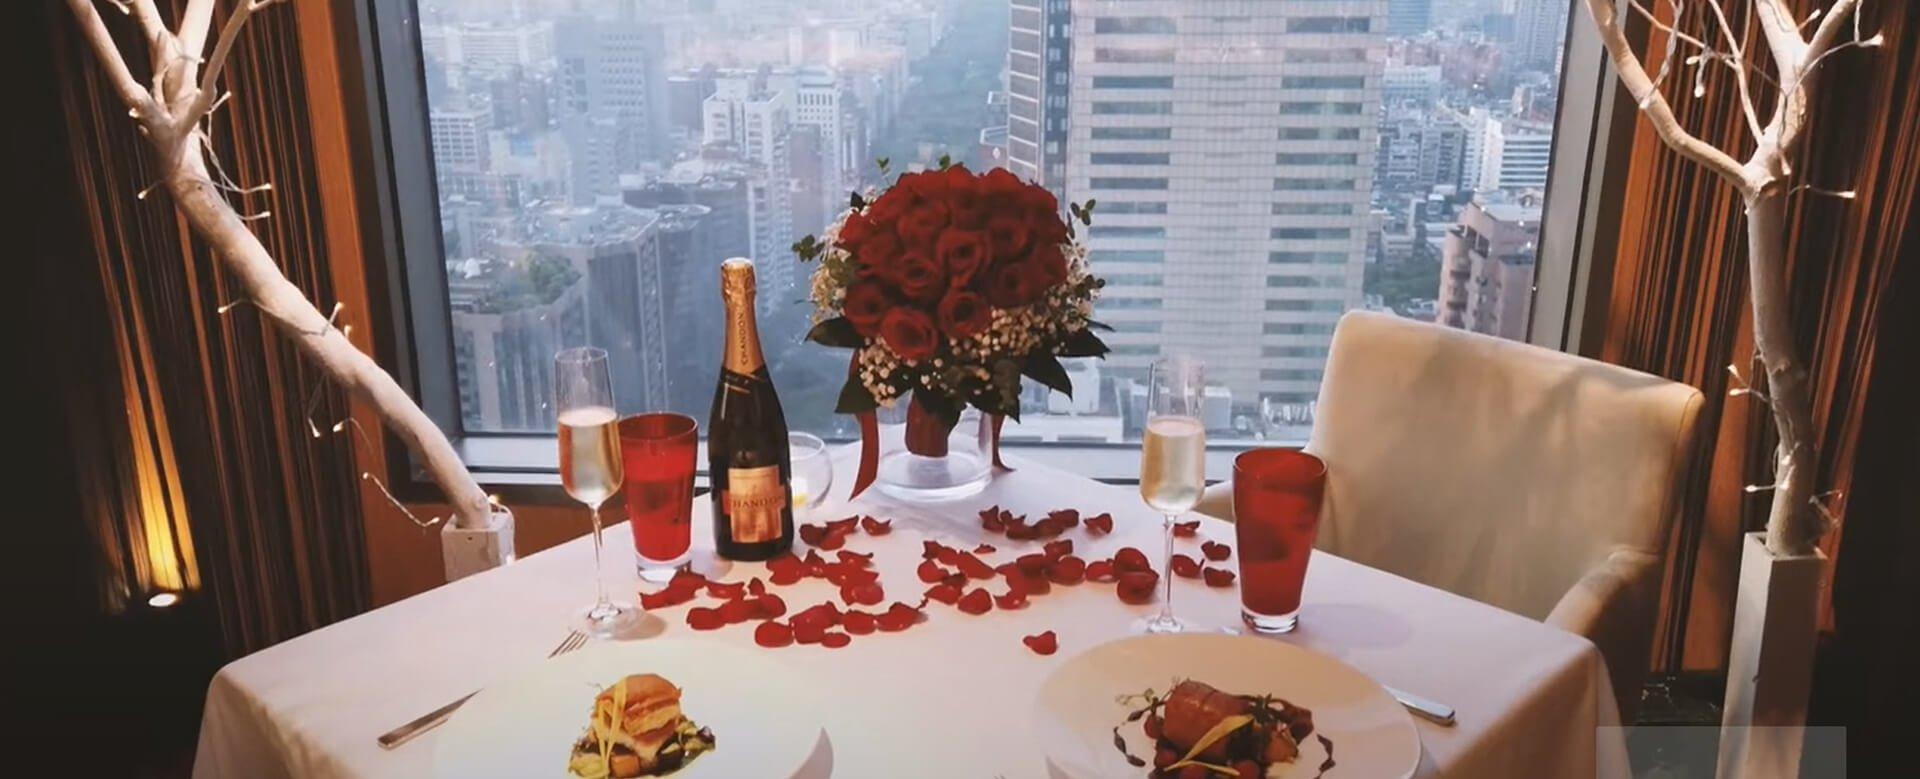 義式美食佐高樓美景,台北浪漫約會餐廳